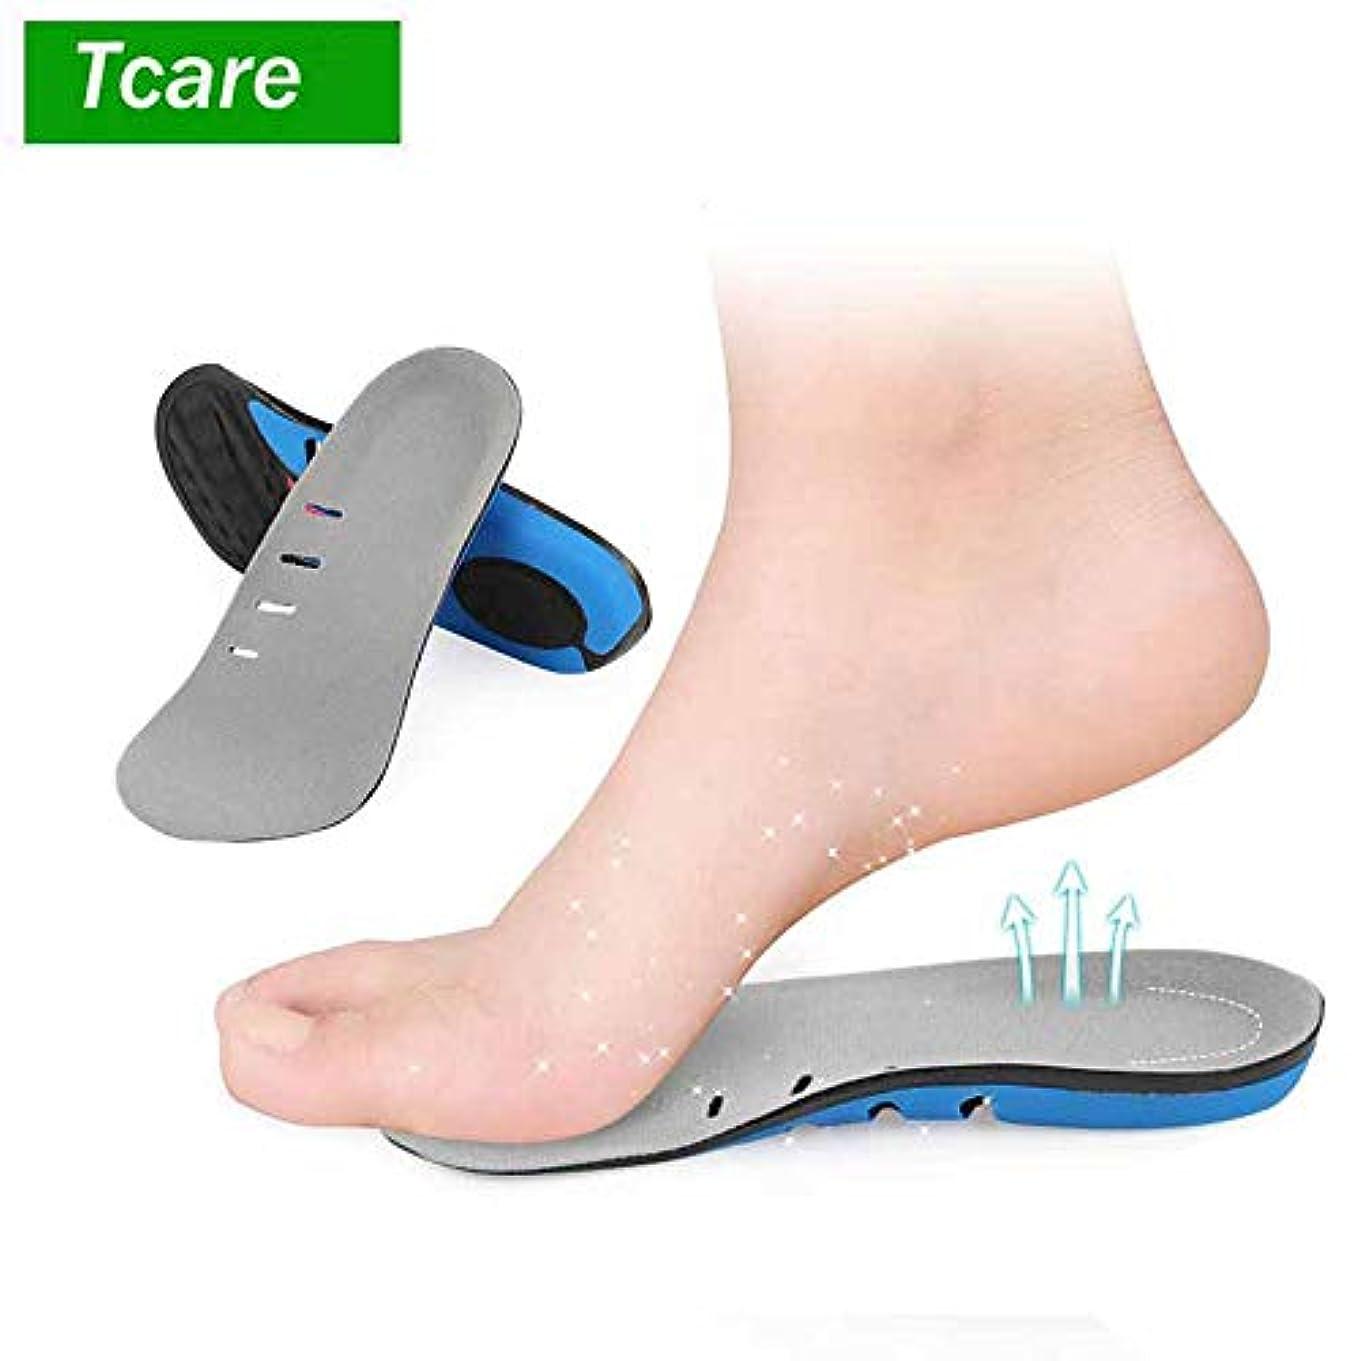 オーブンのウナギ靴のマッサージシューズのインソールは、男性用/女性用の足底筋膜炎用インソール